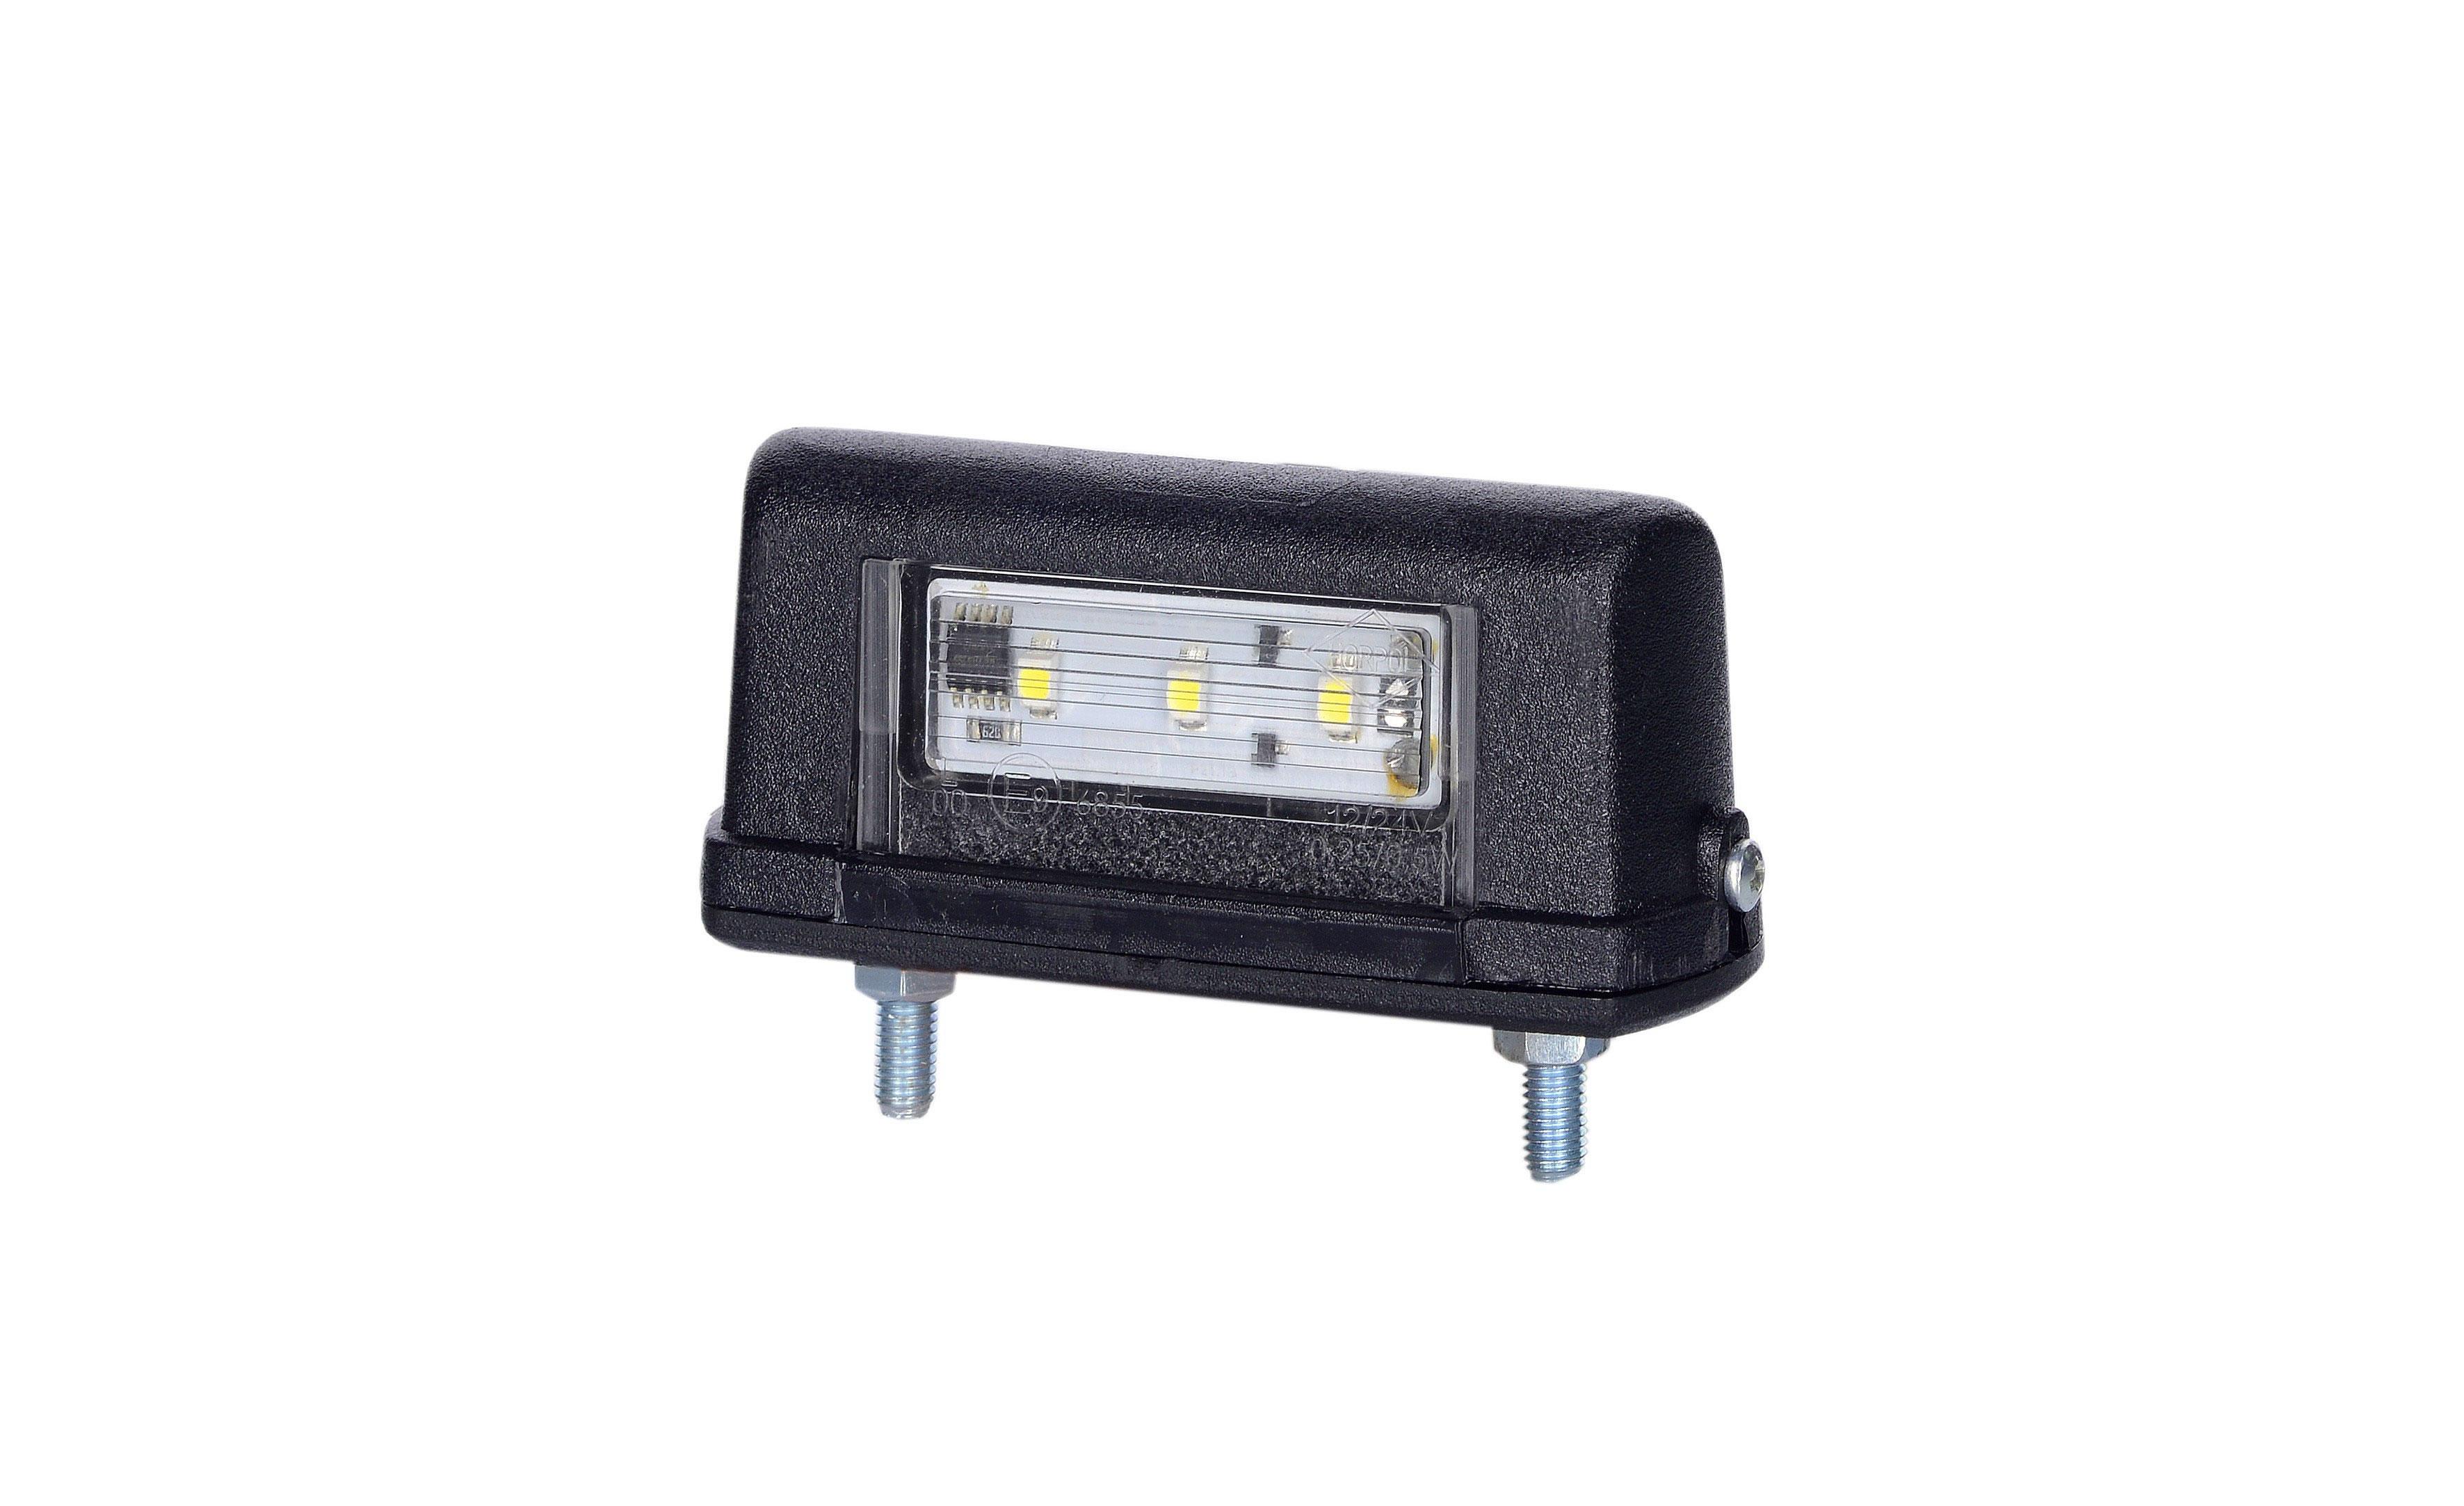 Nummerskyltsbelysning LED 12/24V 0,5 m kabel